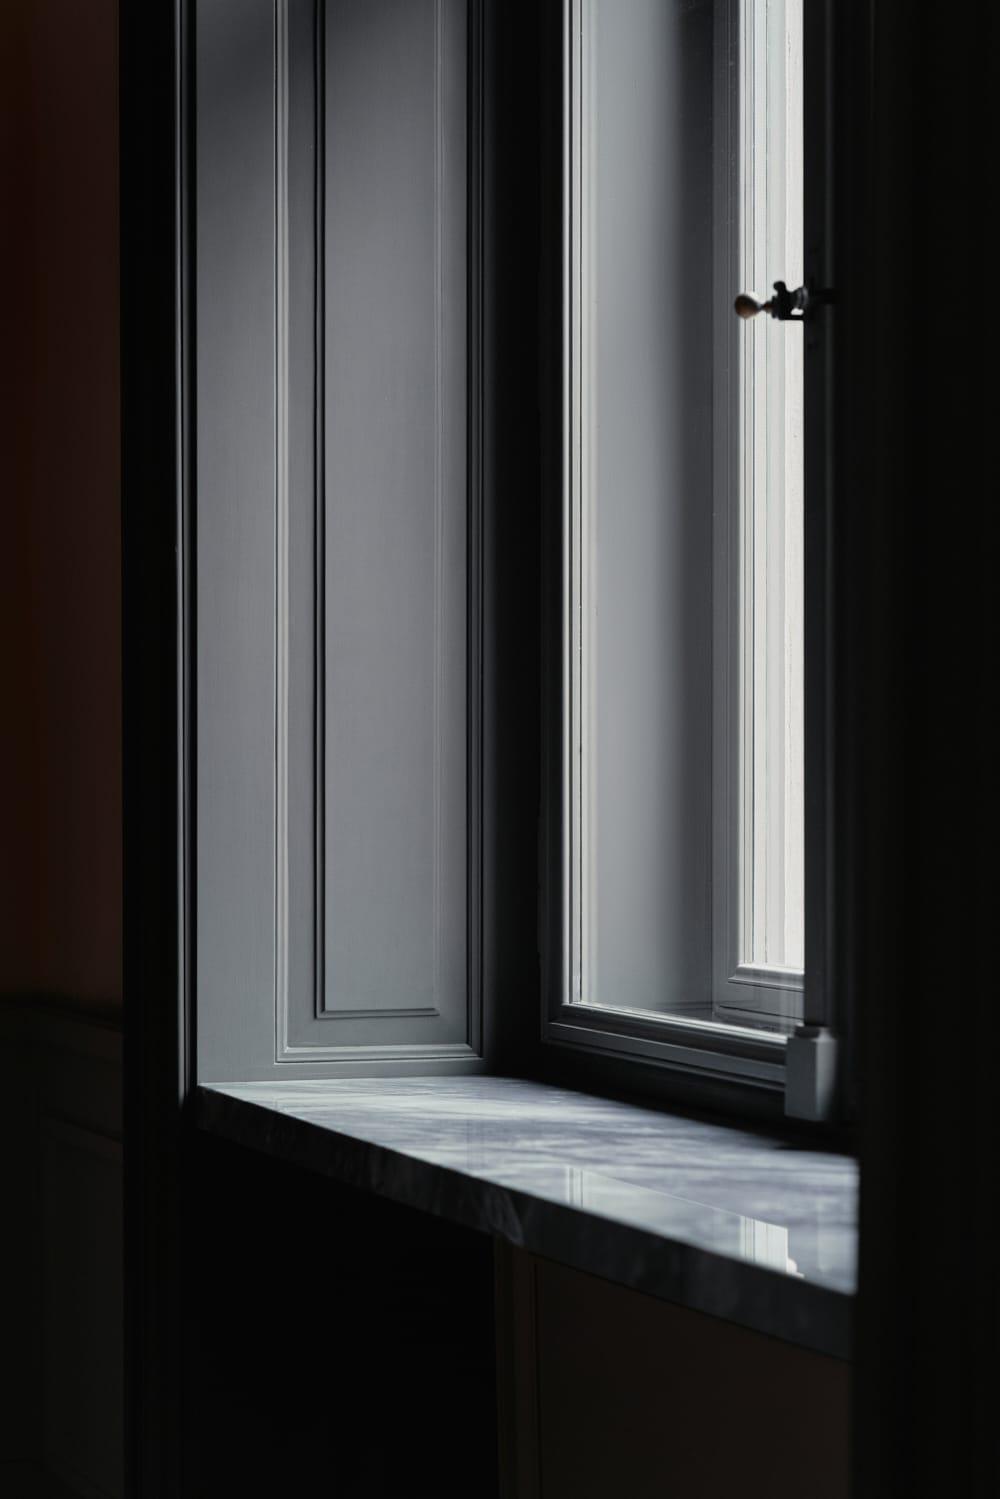 yarmush-interiors-h15-200224111721-0516 1